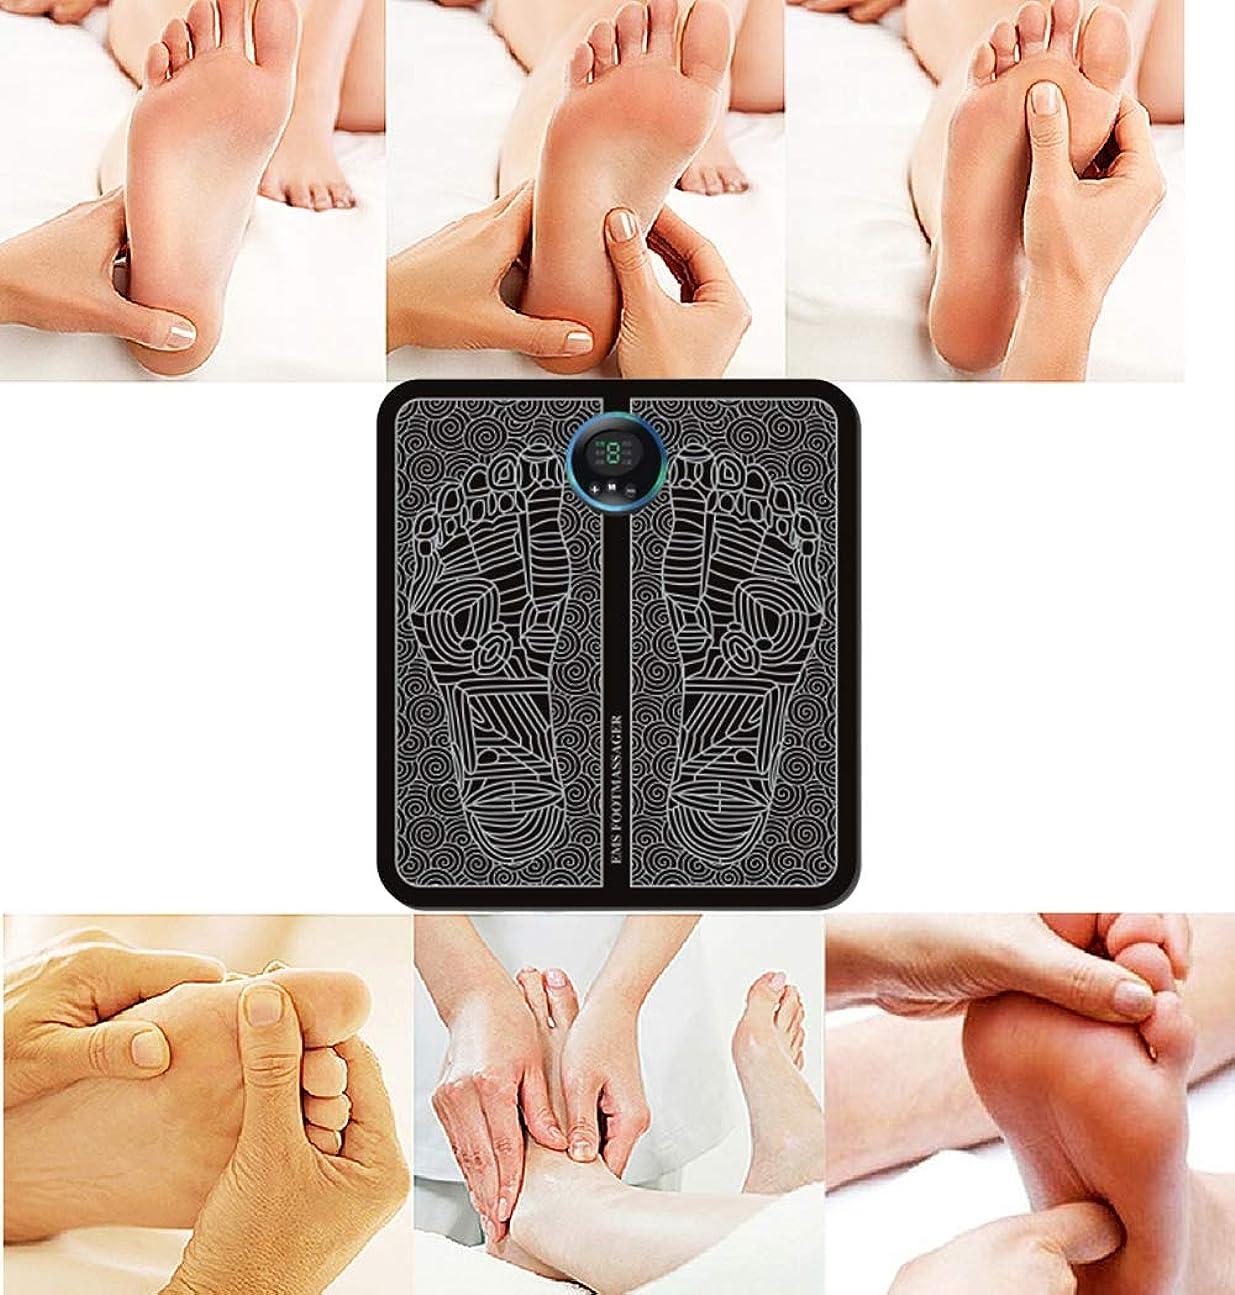 暖かさソーダ水一族足循環装置Intelligent Electric EMS Foot Massage Portable Pad(充電タイプ)